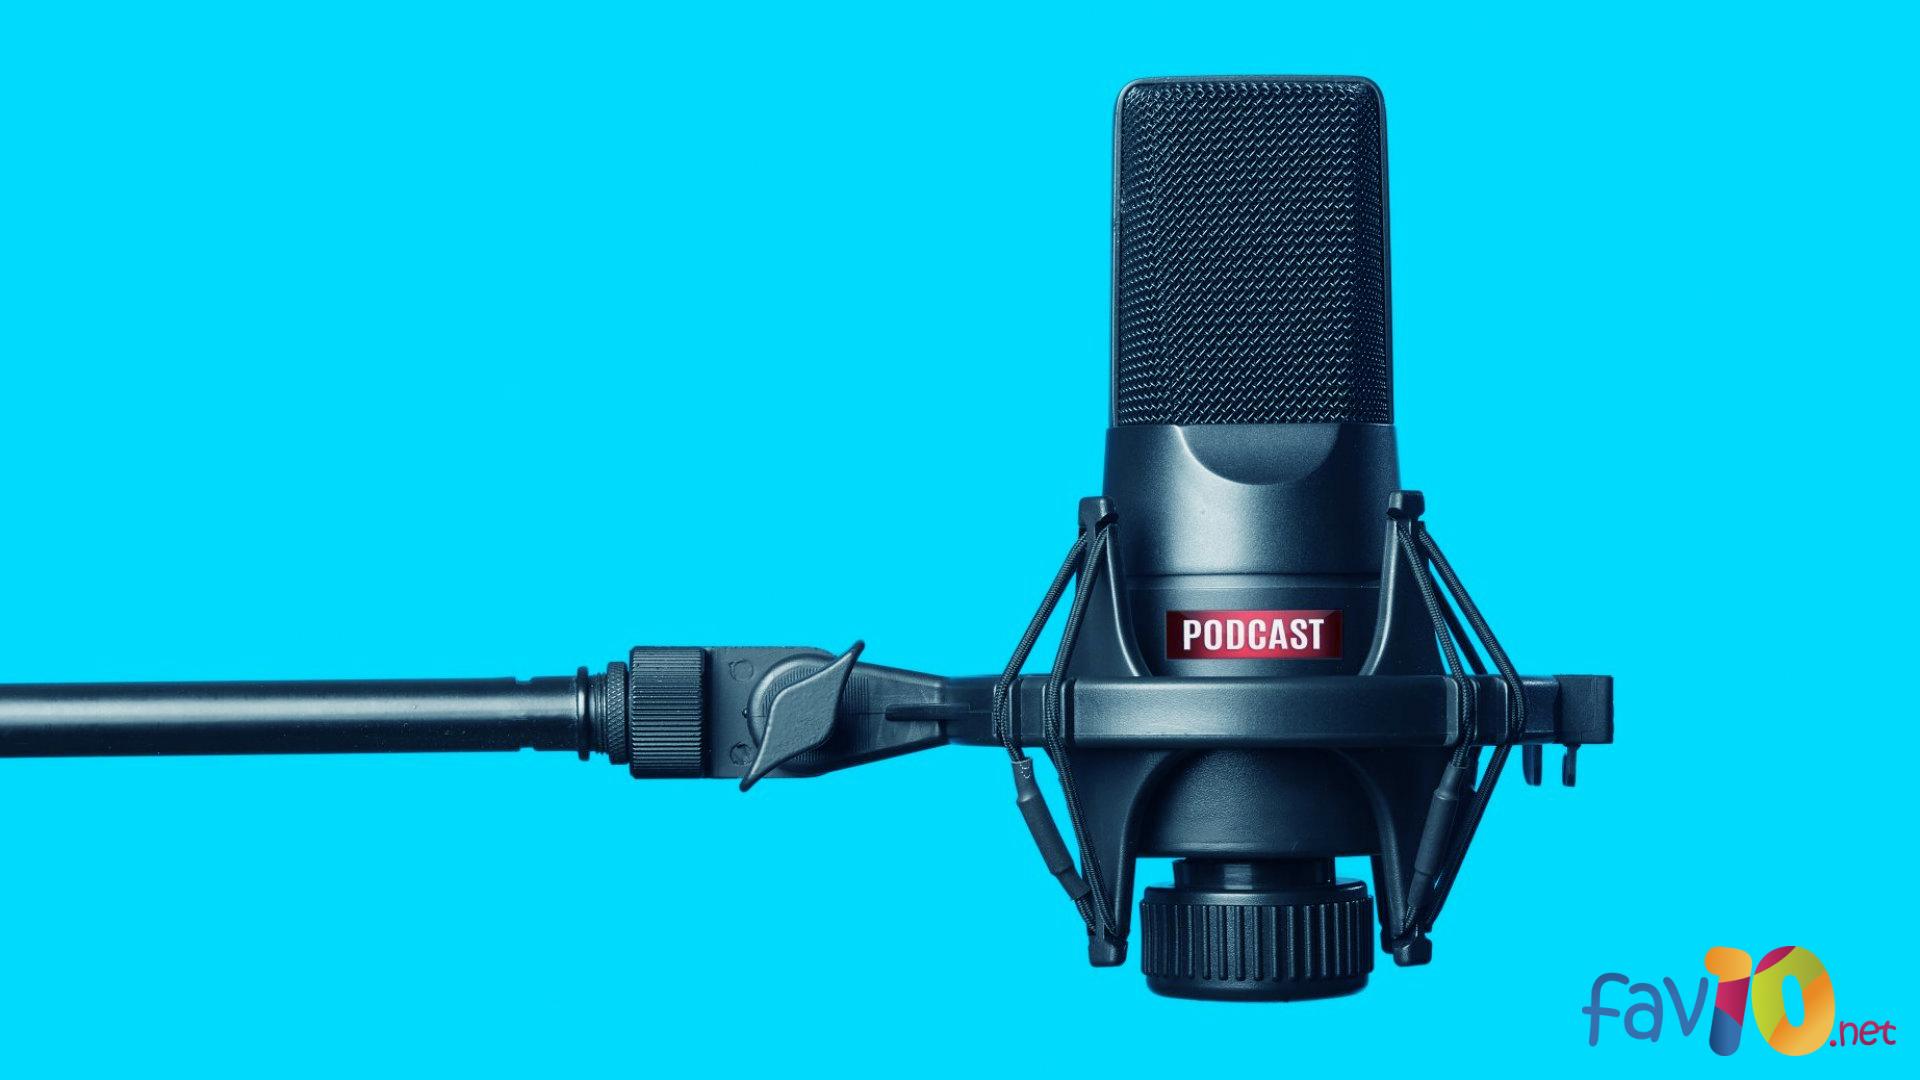 PodcastFav10.jpg